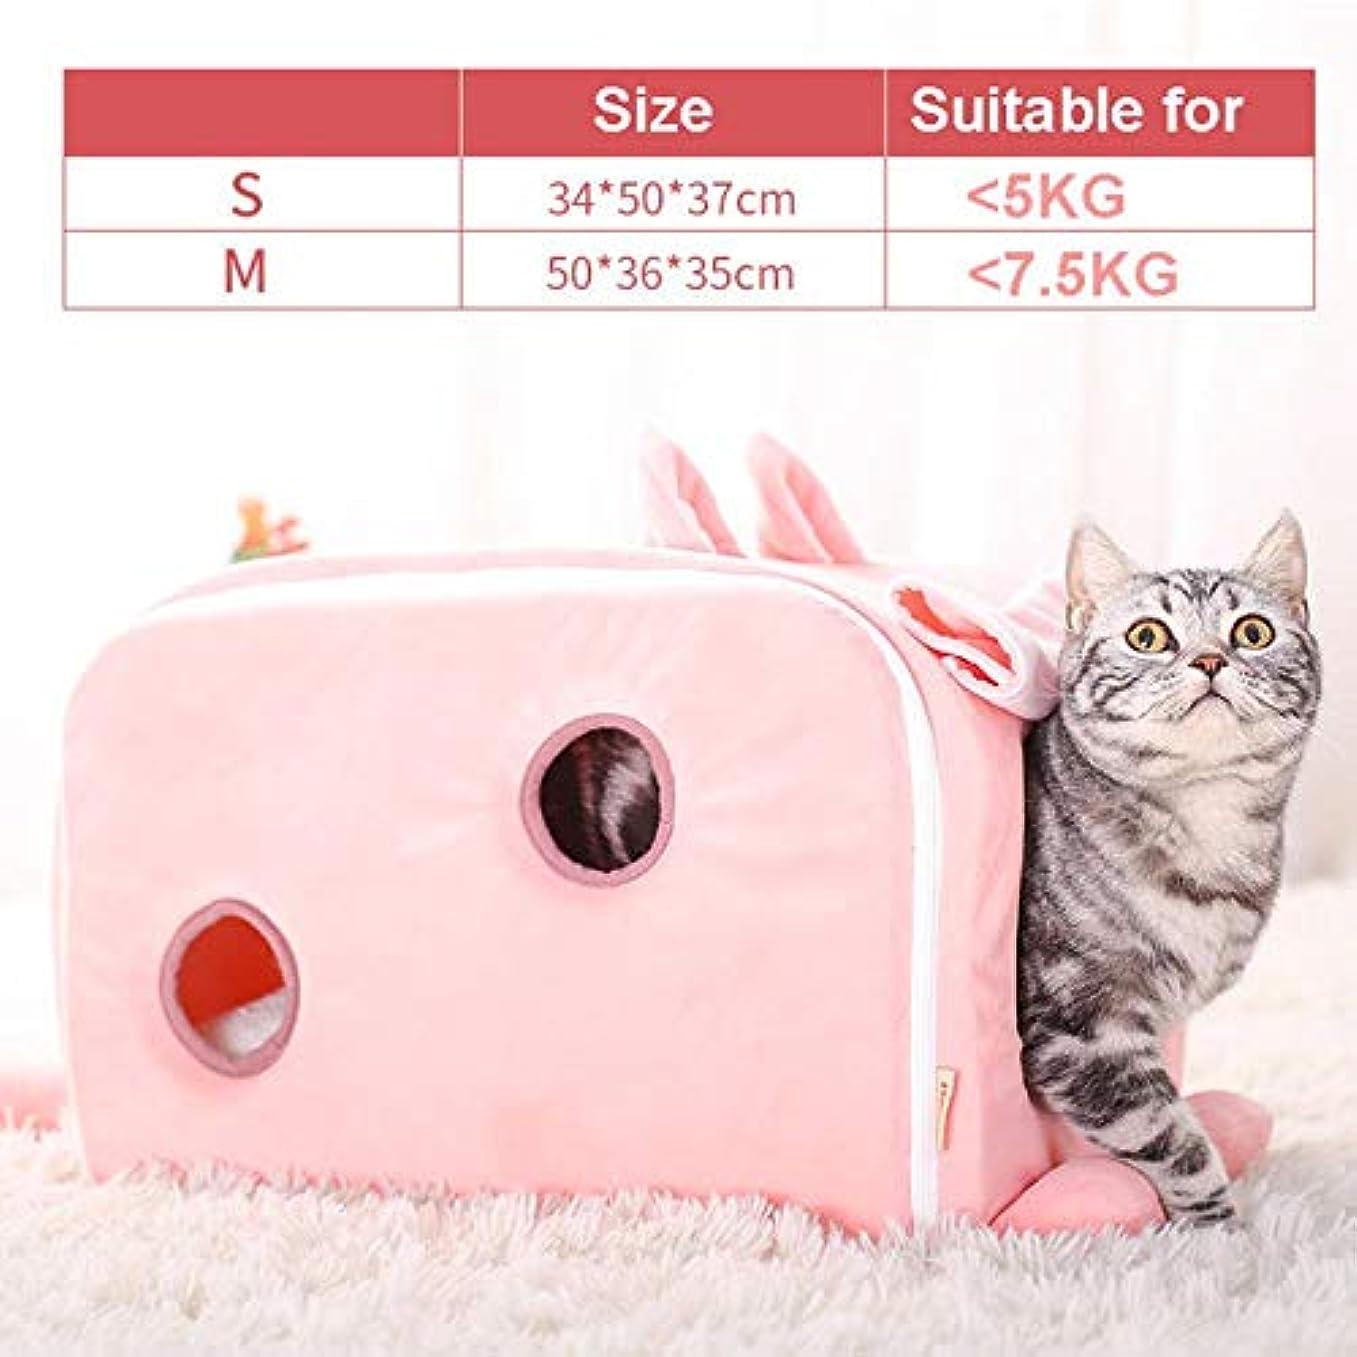 打ち上げる貞不規則なCat Pink Bed Cat Cute House Pet Bench for Dogs Puppy Soft Comfortable House for Cats-in Cat Beds, Rabbit,30x30x50cm